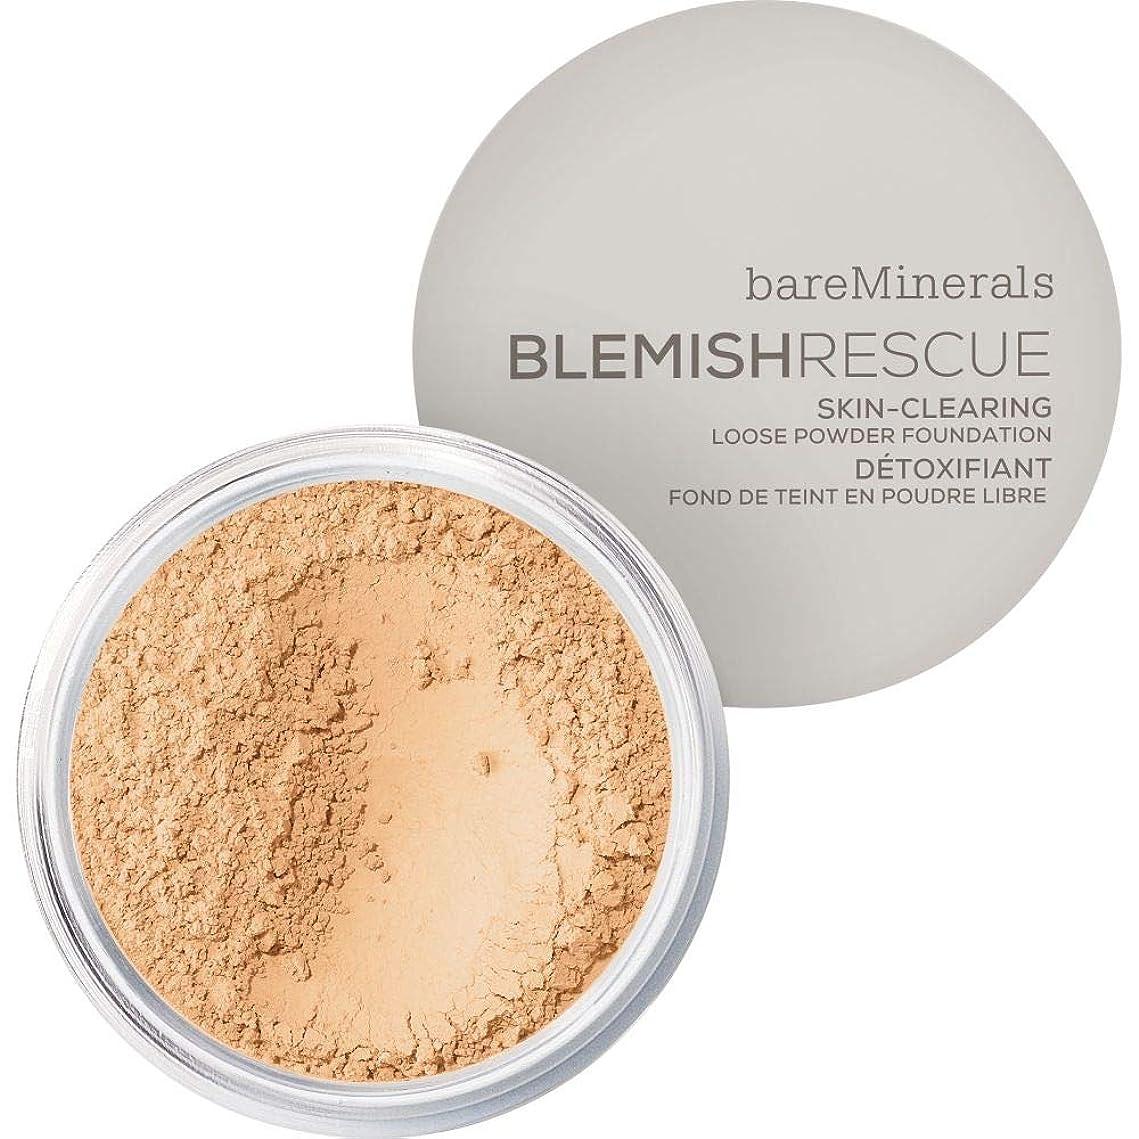 超高層ビルモーションコロニアル[bareMinerals ] 光 - ベアミネラルは、レスキュースキンクリア2ワットを6G緩いパウダーファンデーションを傷 - bareMinerals Blemish Rescue Skin-Clearing Loose Powder Foundation 6g 2W - Light [並行輸入品]